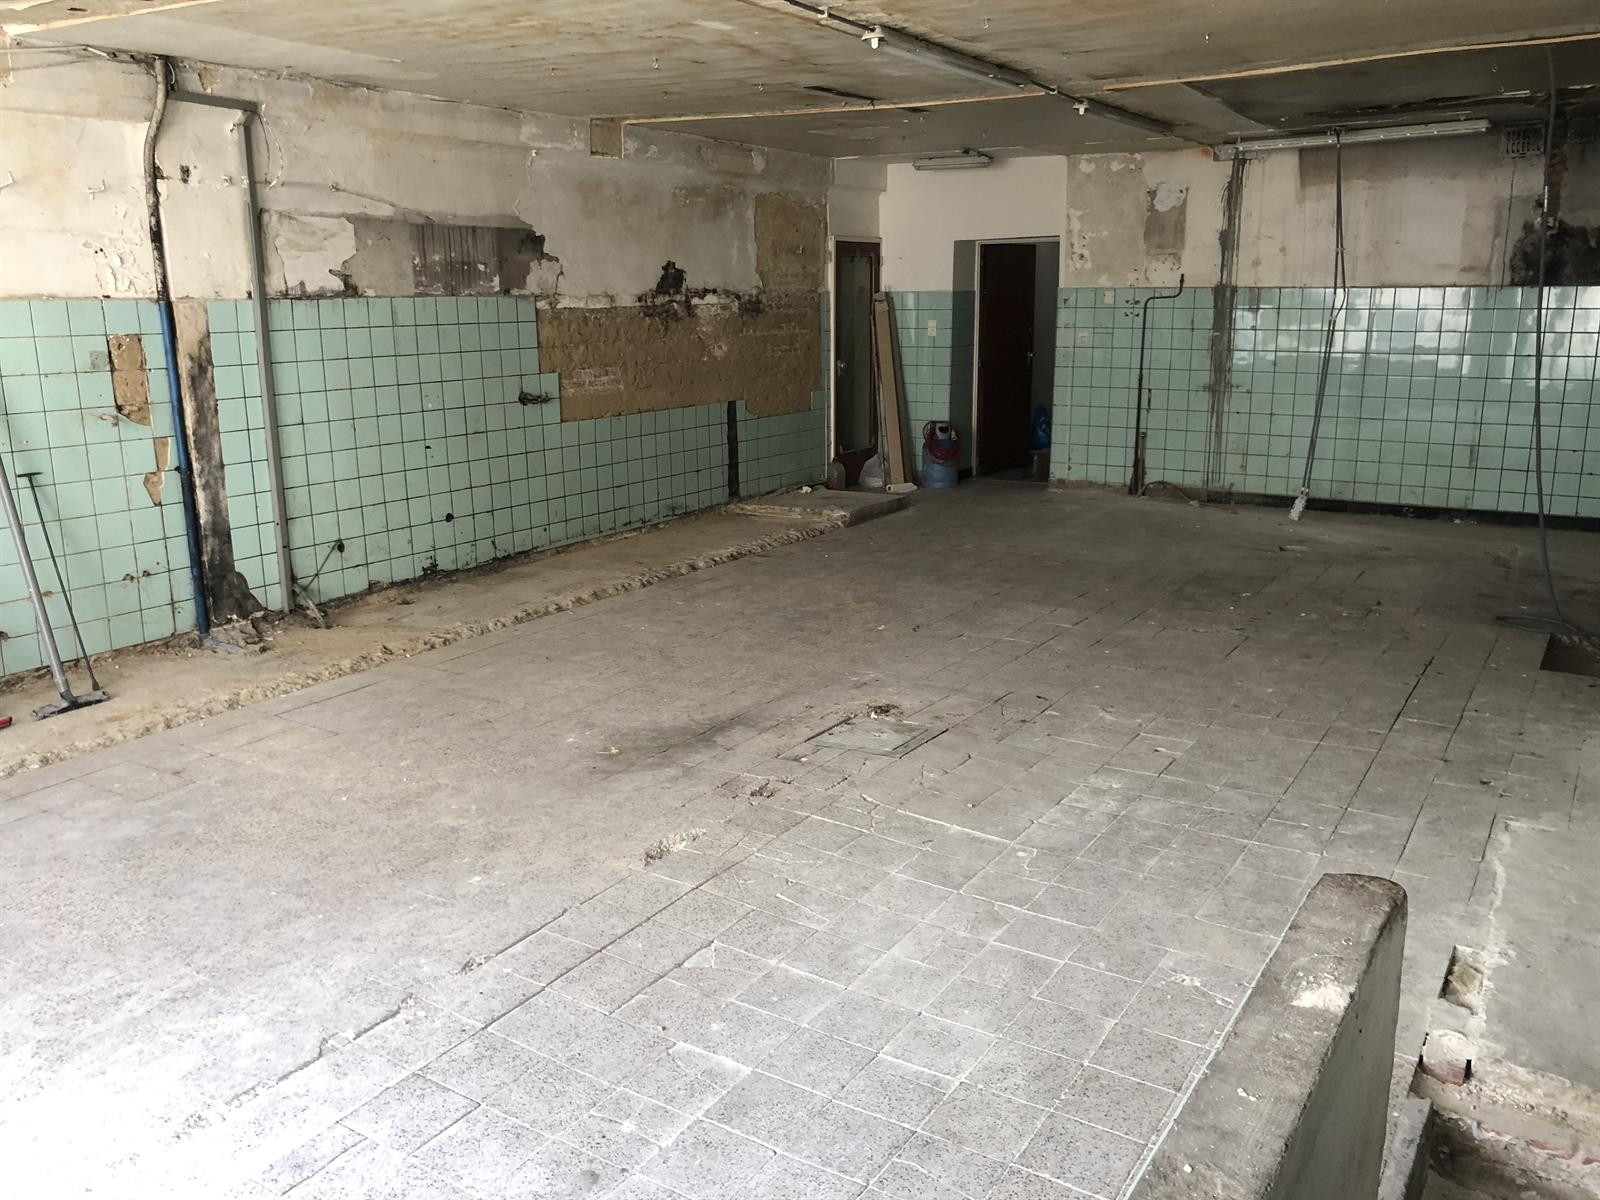 opslagplaats te koop I128 - Opslagplaats - Falconrui 70, 2000 Antwerpen, België 3